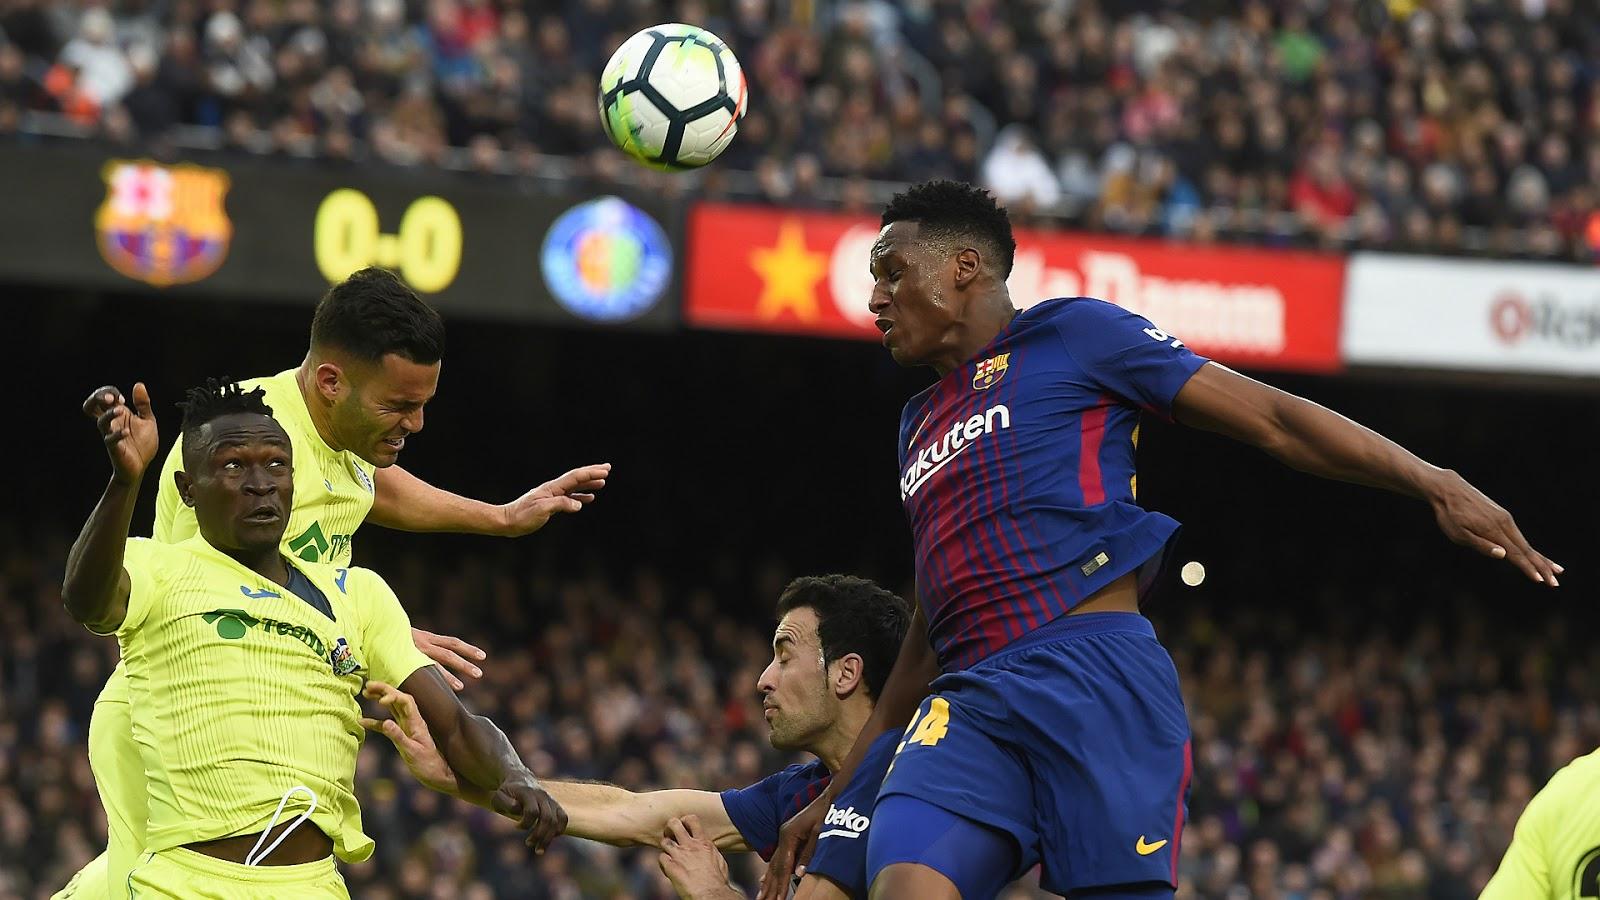 Coutinho-Dembele-va-Mina-chua-san-sang-thanh-ngoi-sao-tai-Barcelona-3